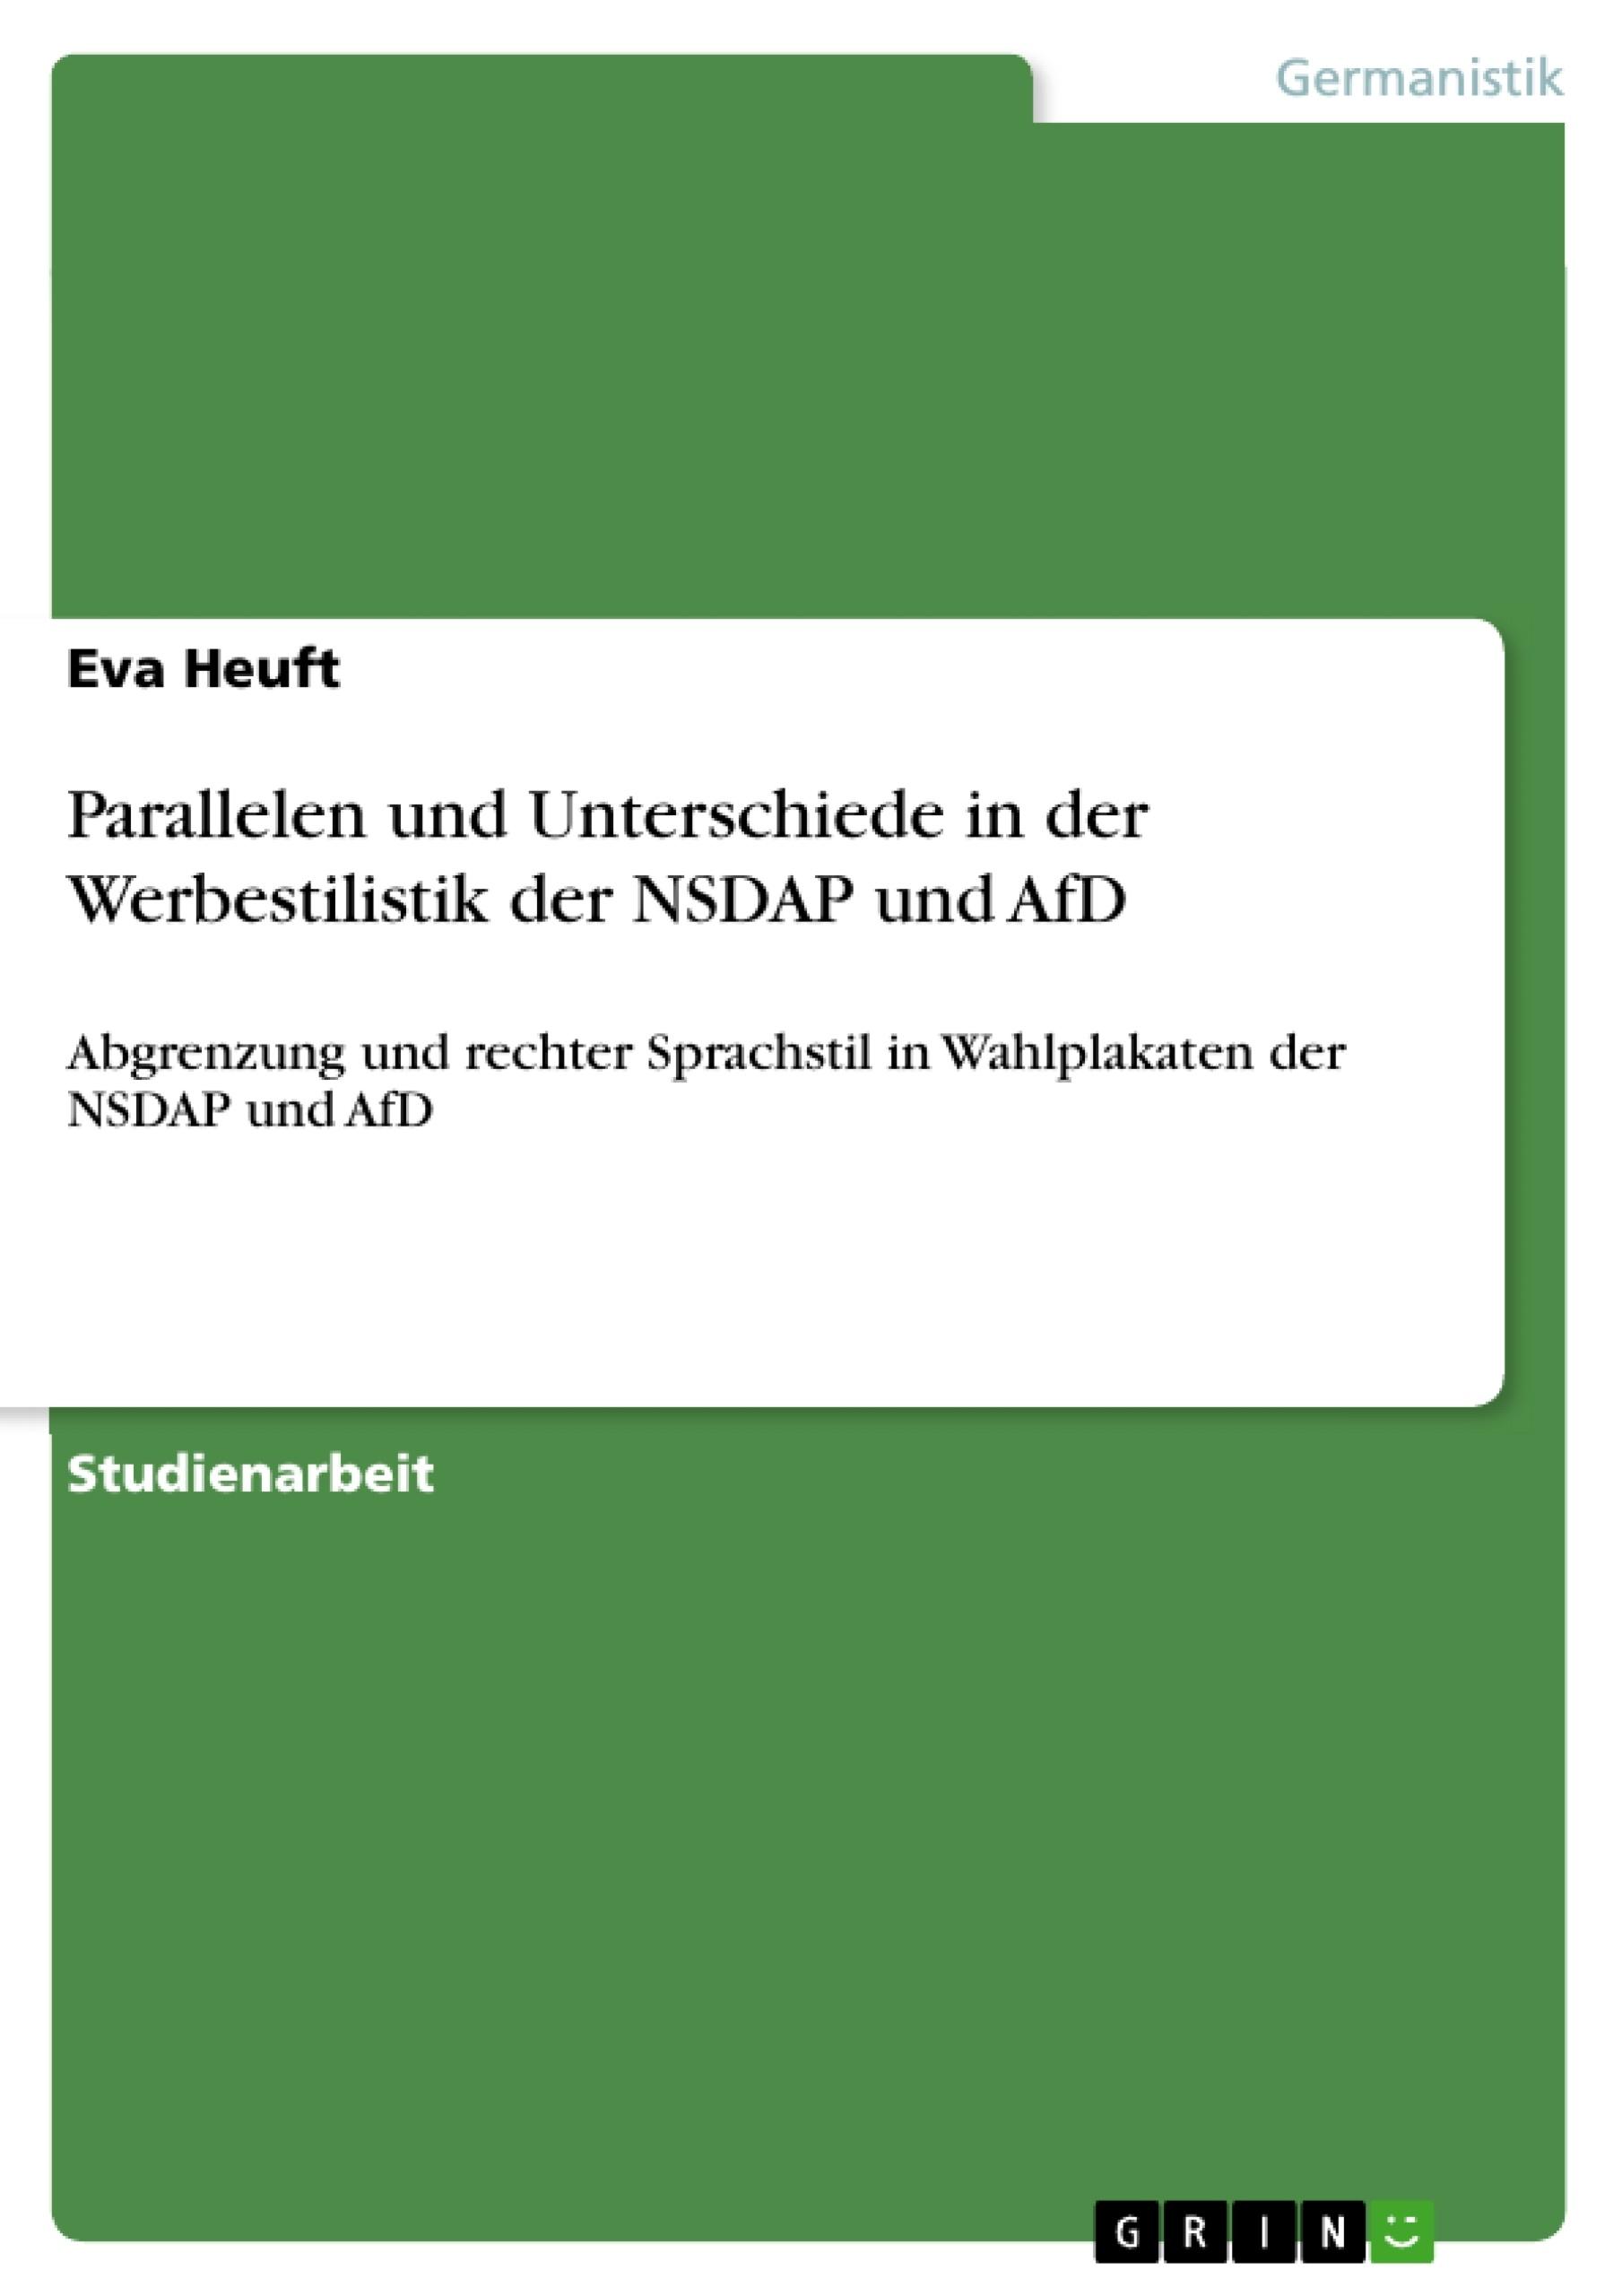 Titel: Parallelen und Unterschiede in der Werbestilistik der NSDAP und AfD